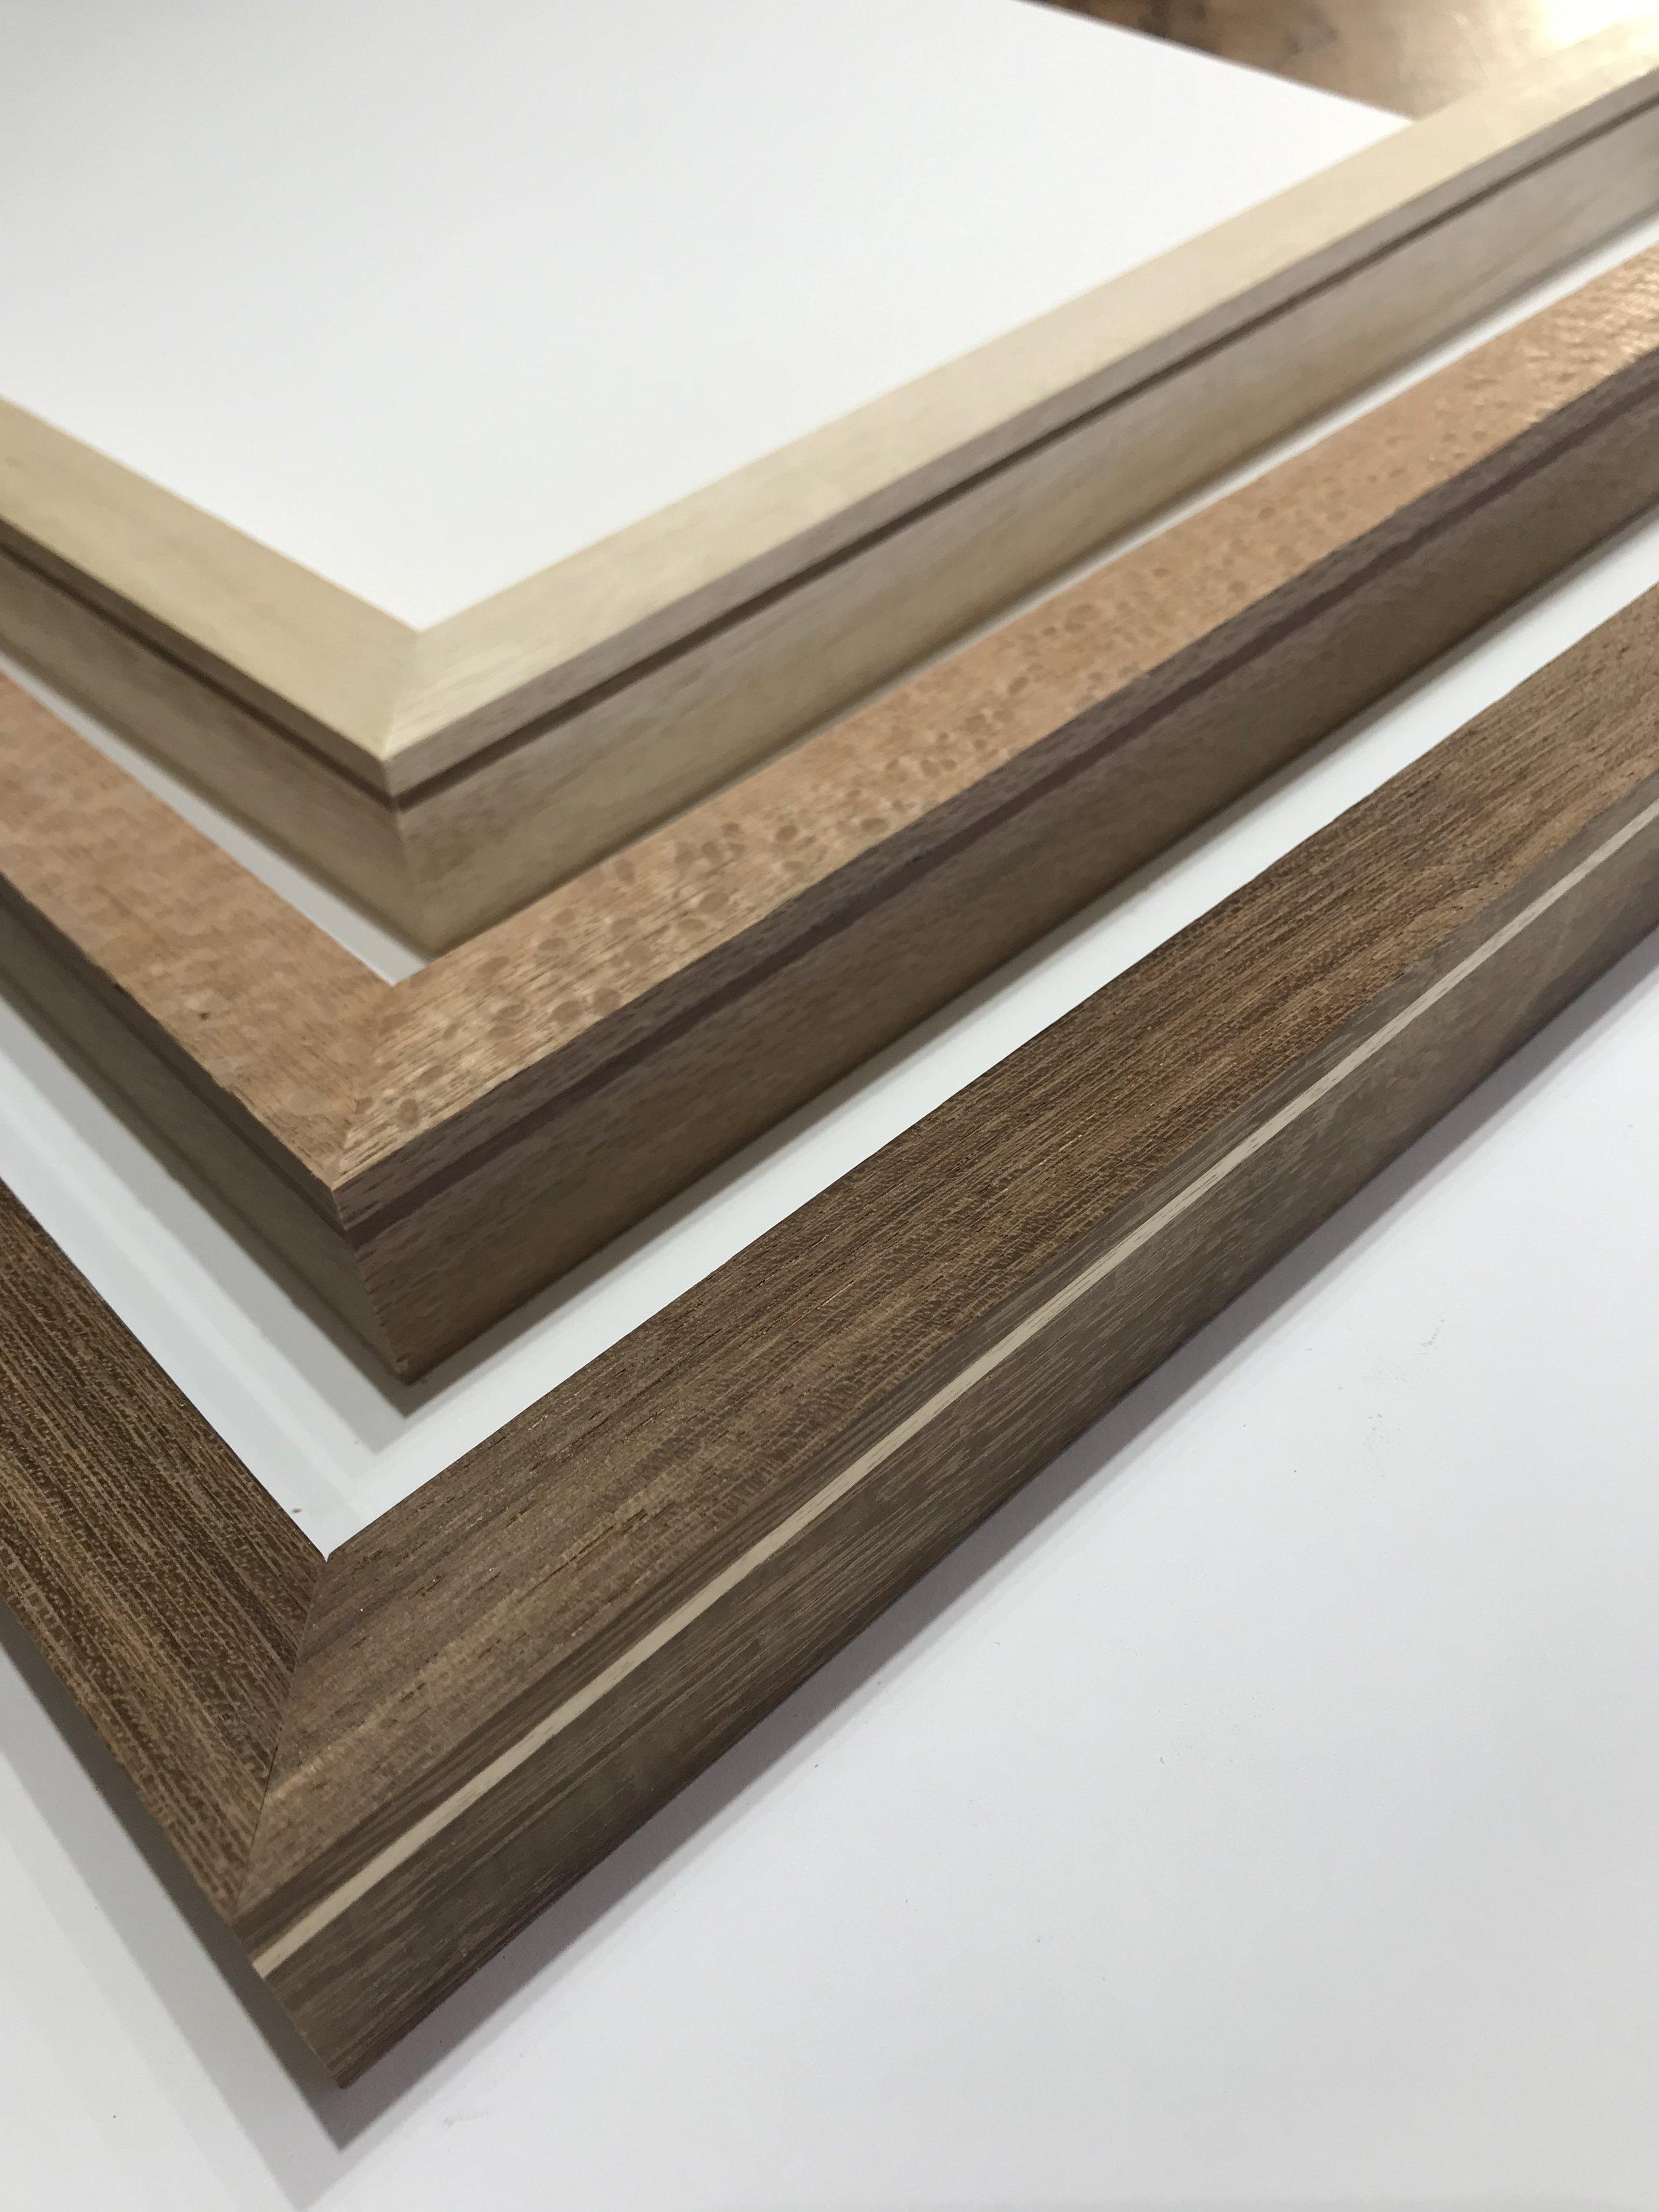 unique picture frame mouldings